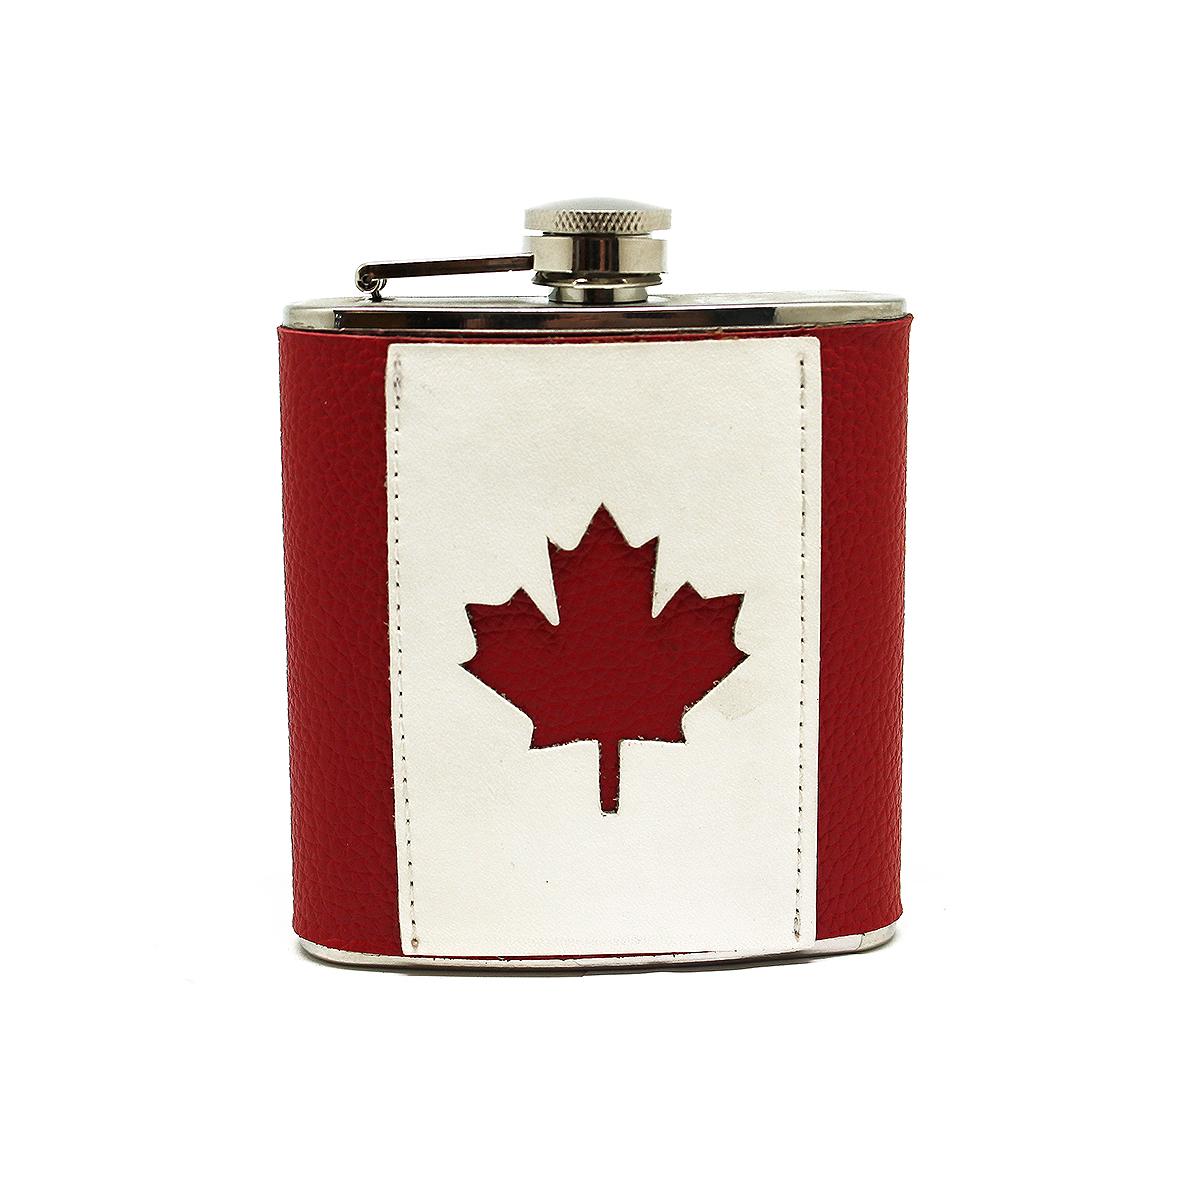 Фляга Экспедиция Канада, 0,17 лeflgs-01Фляга Экспедиция Канада - отличный подарок для всех ценителей изысканного стиля и практичности! Высококачественная нержавеющая сталь в сочетании с отделкой из натуральной кожи, окрашенной в цвета канадского флага. Фляга на самом деле очень практична: ее можно взять с собой куда угодно, ведь она занимает совсем немного места в вашем рюкзаке, сумке и даже кармане.Поспешите приобрести флягу Канада - порадуйте себя стильной и практичной вещью!Объем: 0,17 л.Размеры: 95 х 115 х 30 мм.